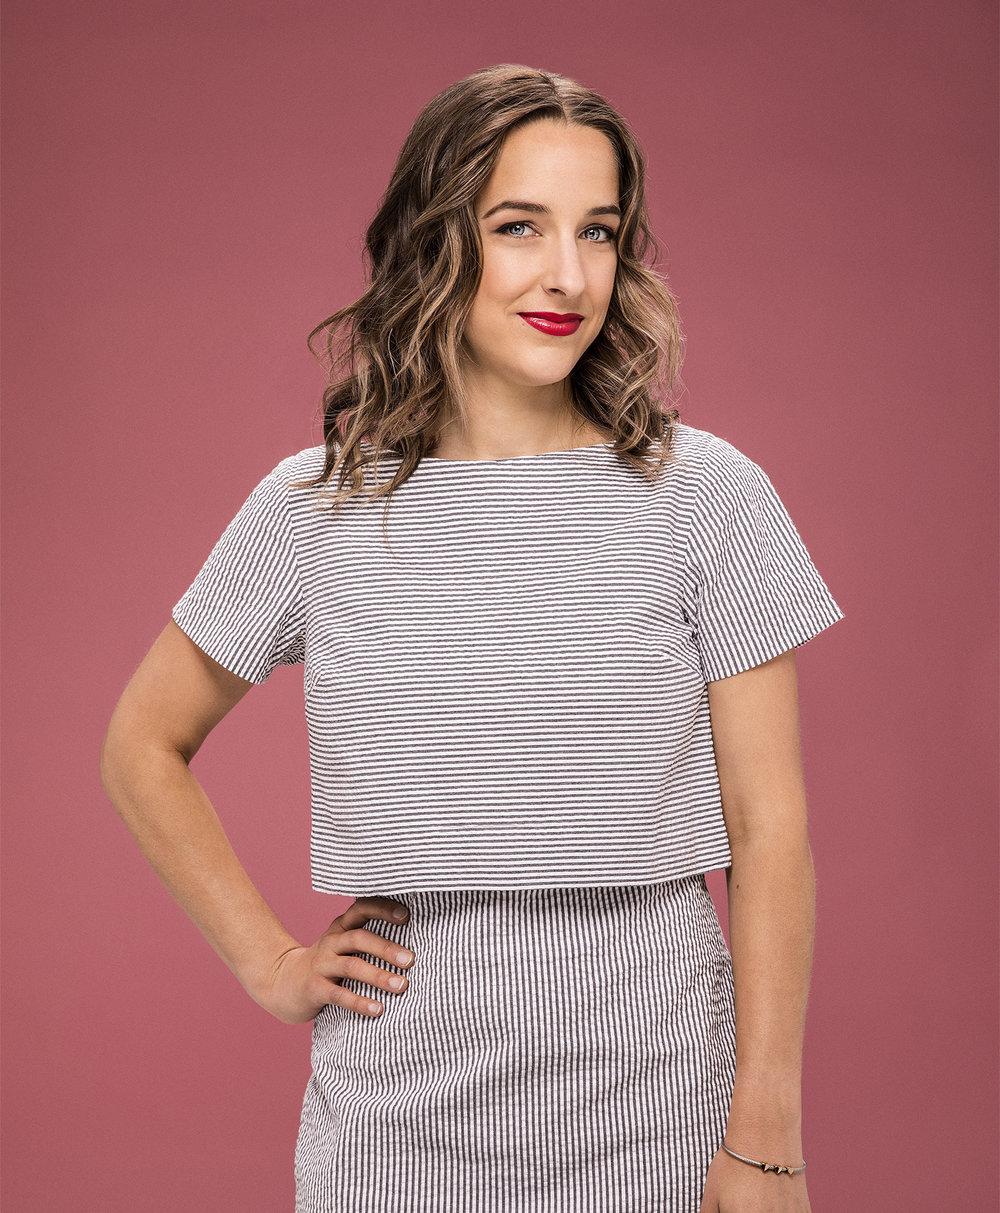 Virginie,styliste personnelle - Mon objectif : vous aider à trouver un style à l'image de vos ambitions.